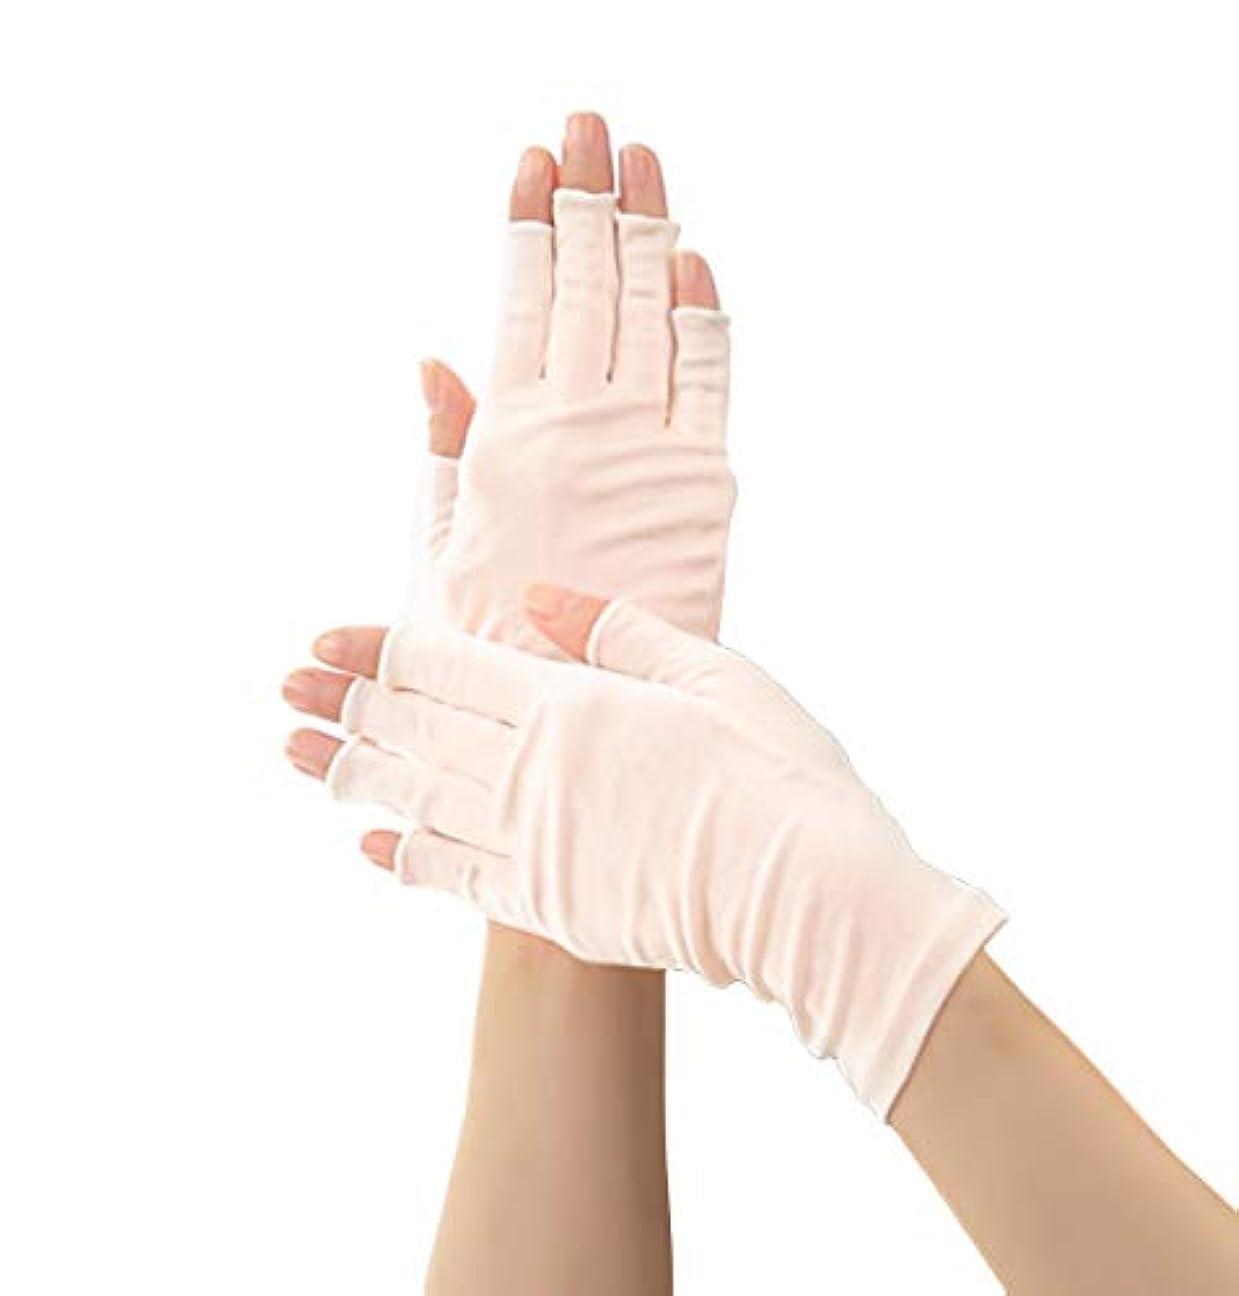 製品最少柔らかいSilk 100% シルク 手袋 指先カット タイプ 薄手 オールシーズンOK 外出時の 紫外線 UV 対策 スマホ PC 操作 や ICカード 取り出しもらくらく! 手首 ゆったり おやすみ フィンガーレス スキンケア...